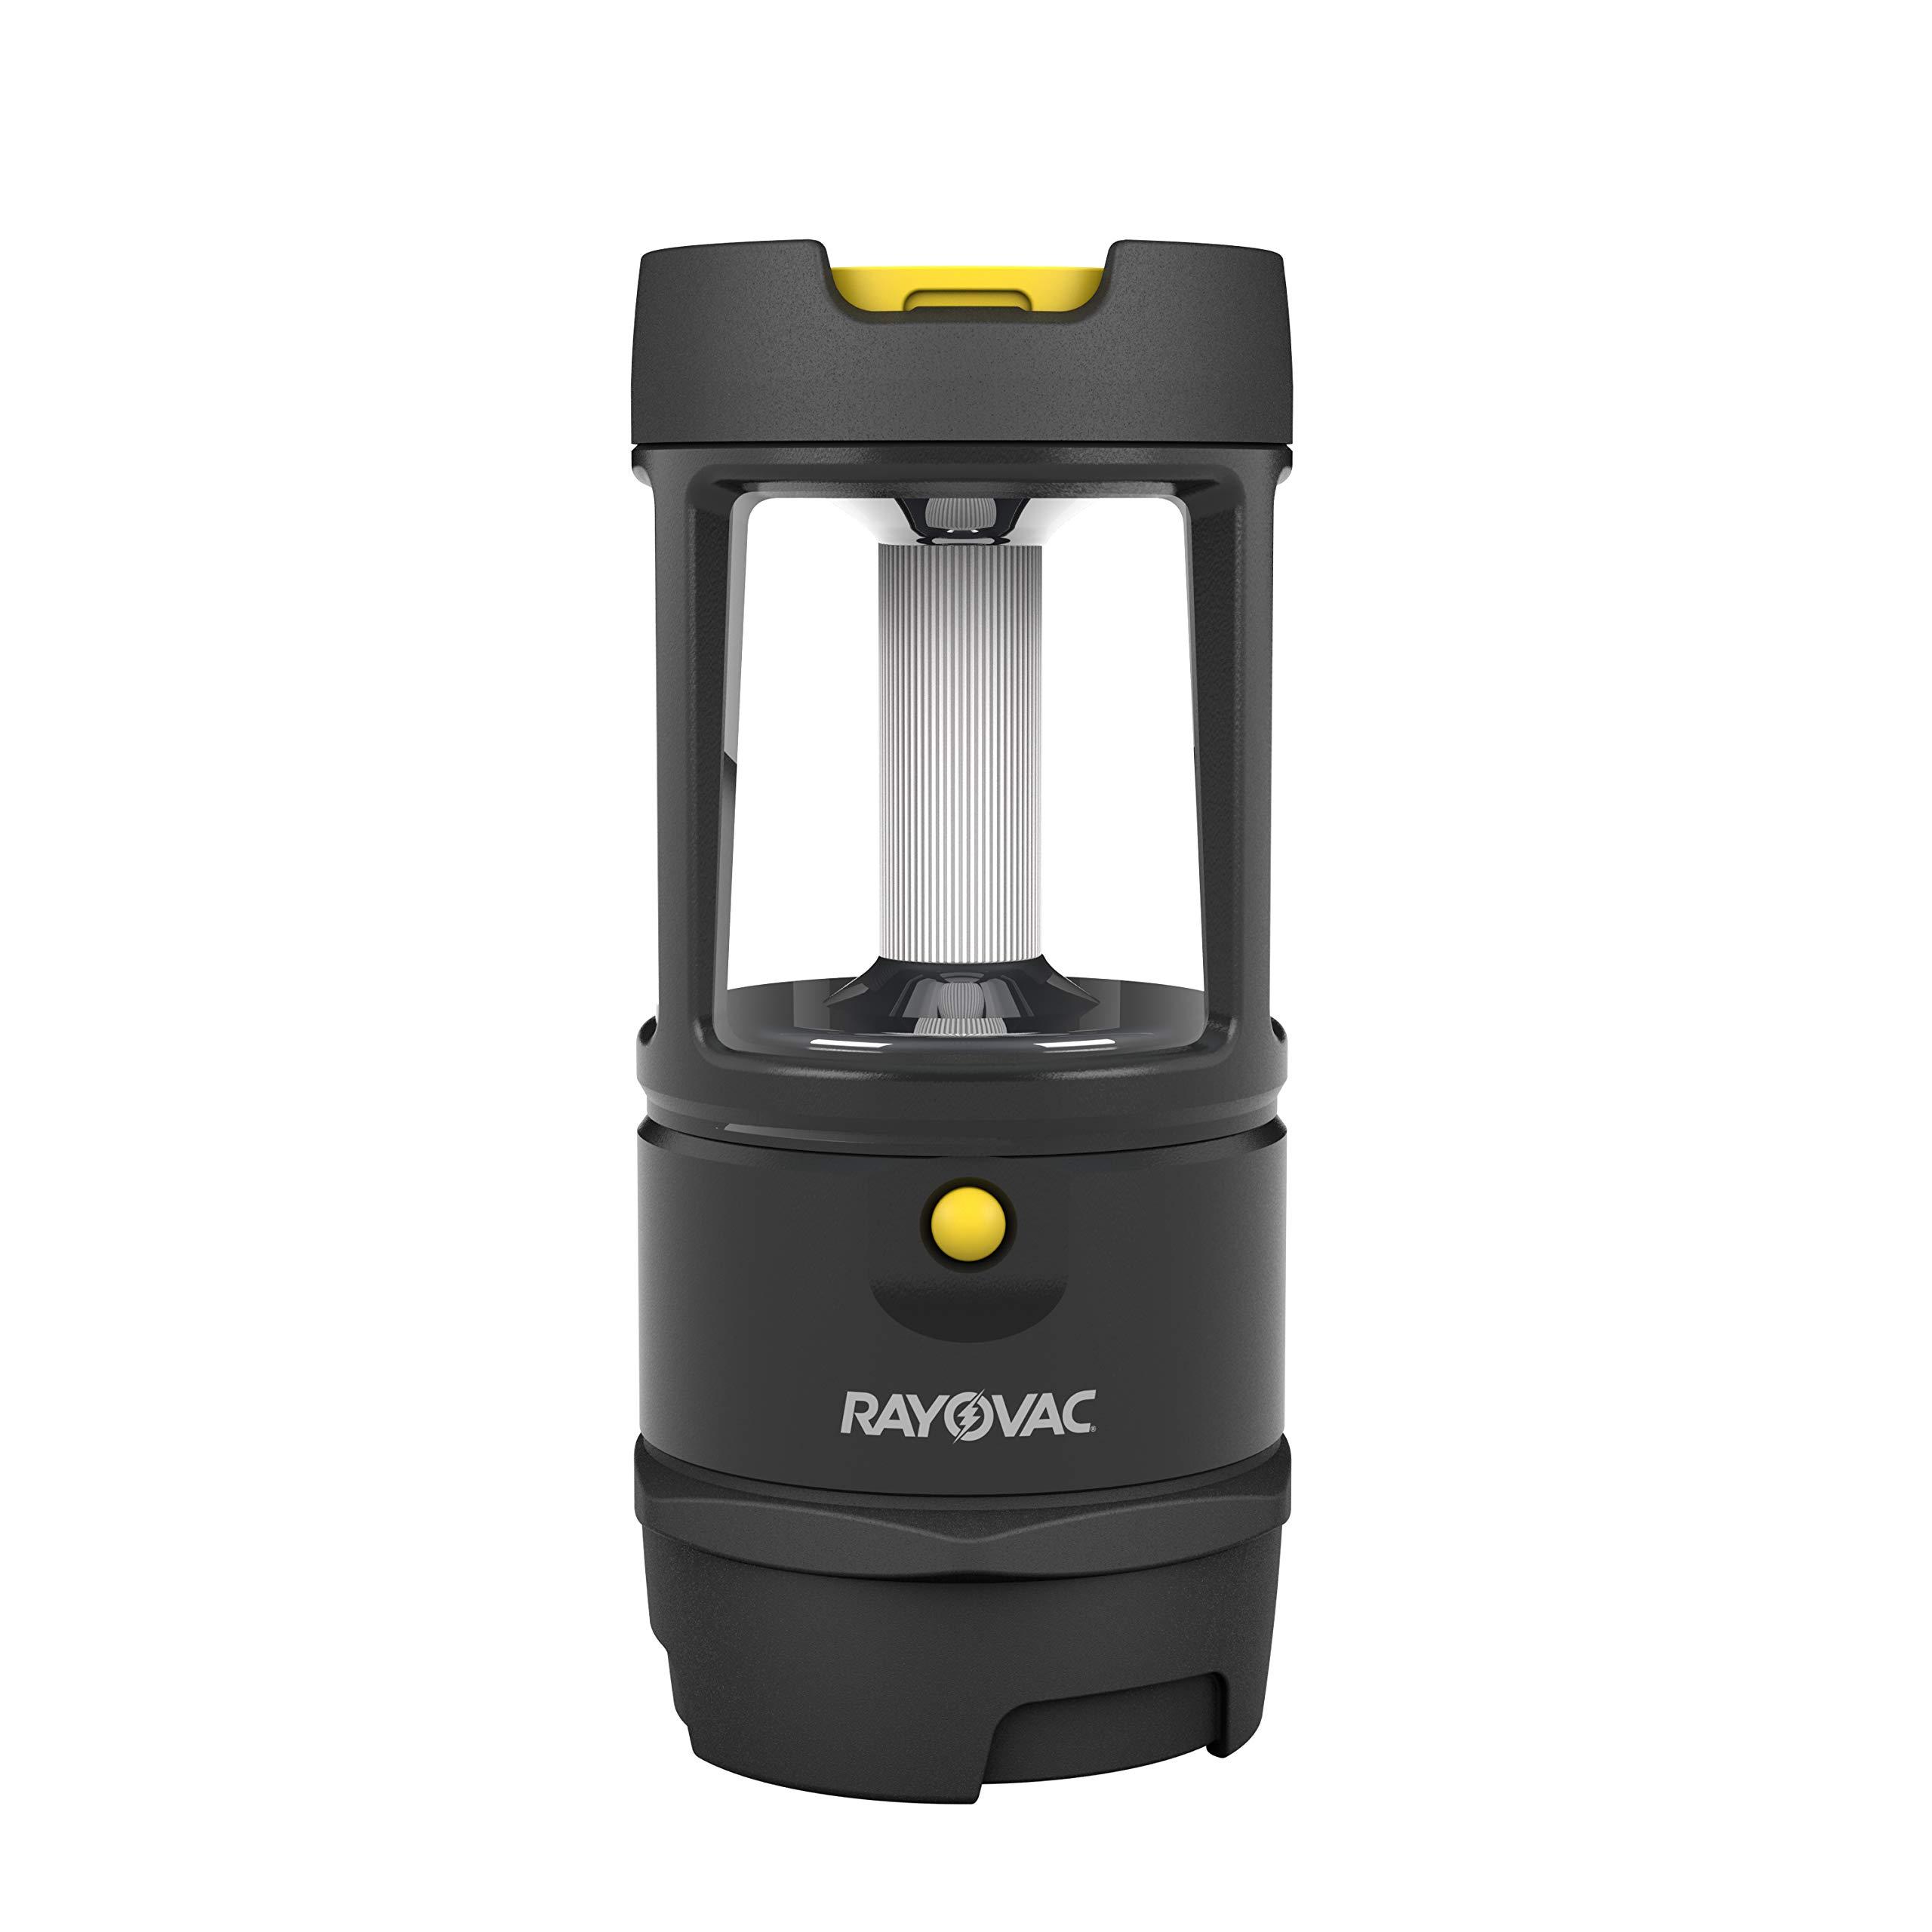 Rayovac Virtually Indestructible LED Lantern, 600 Lumen Waterproof Camping Lantern & Flashlight by Rayovac